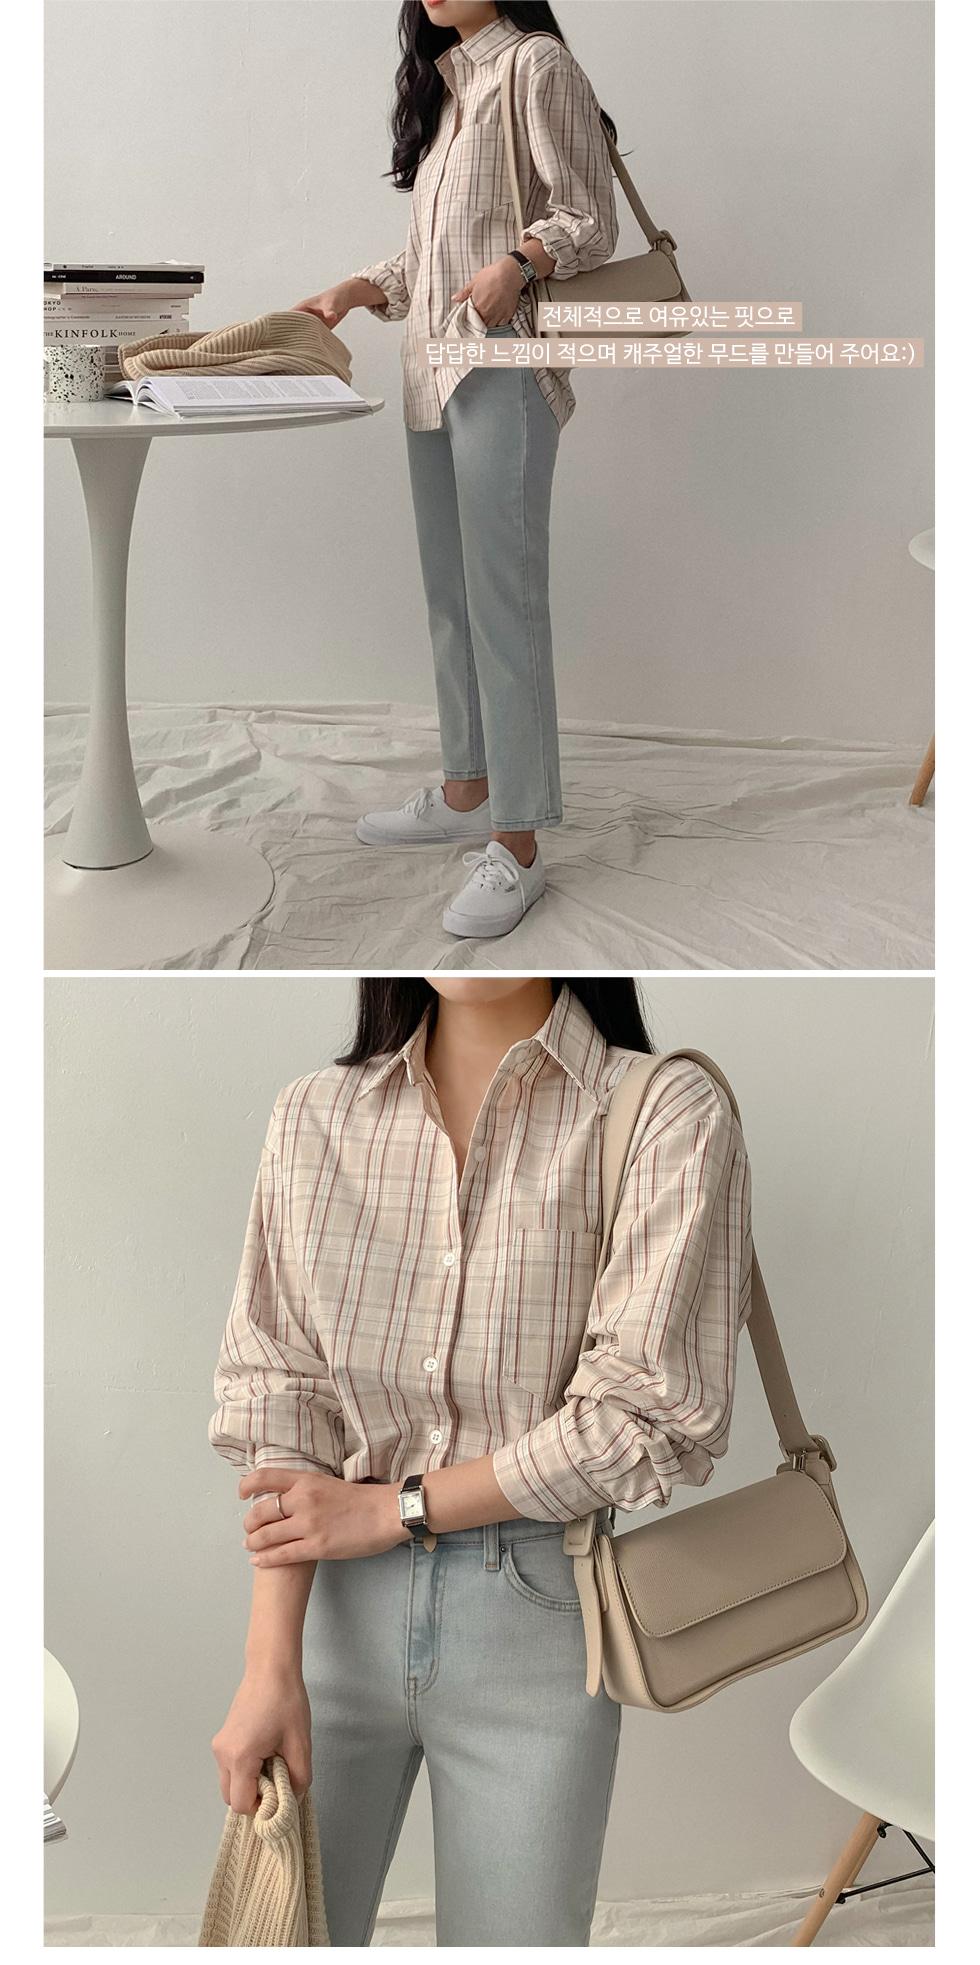 Mo Knitwear Check Shirt